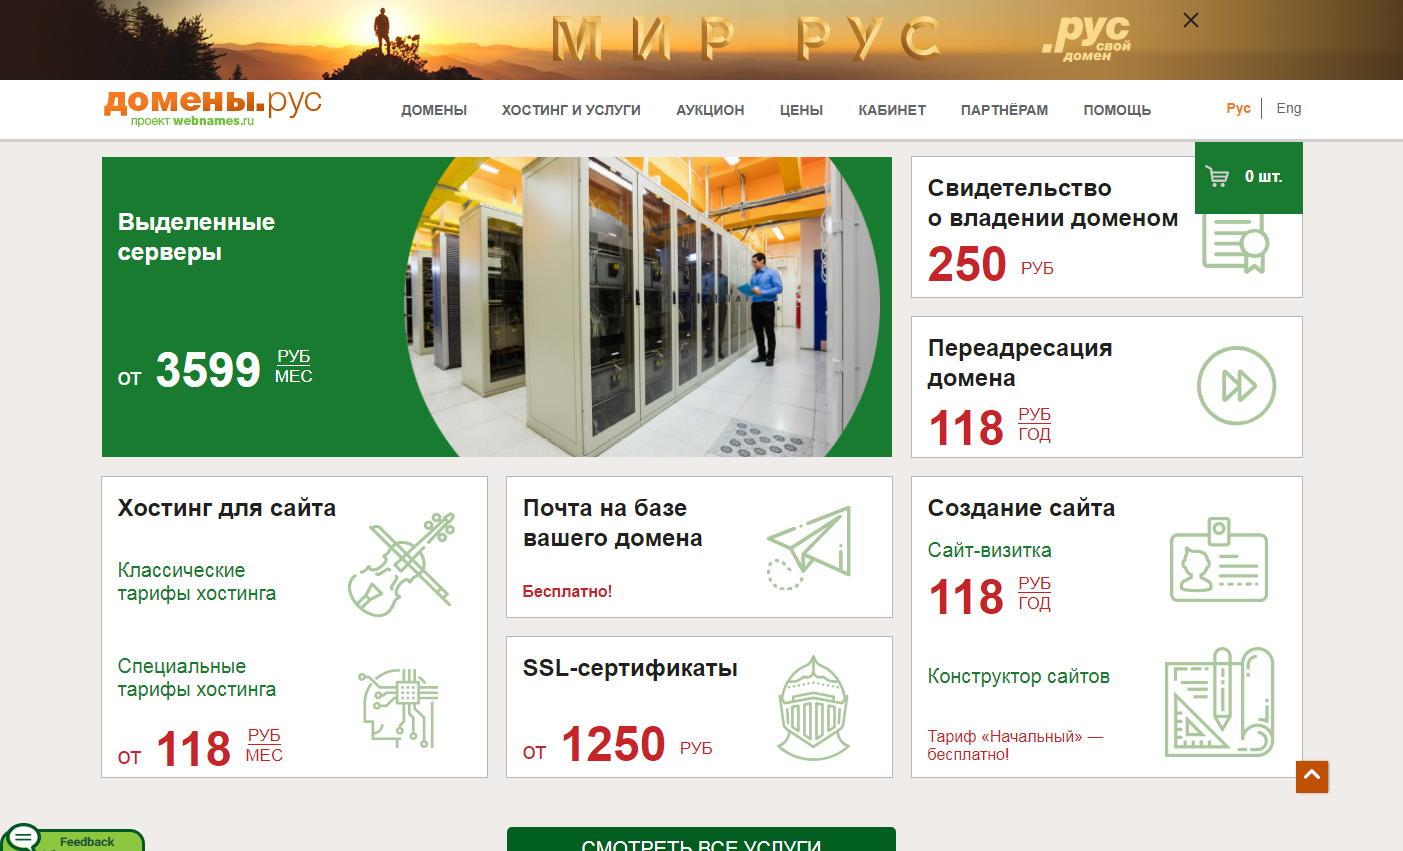 Дешевый хостинг россия домен как снизить нагрузку cpu на хостинге